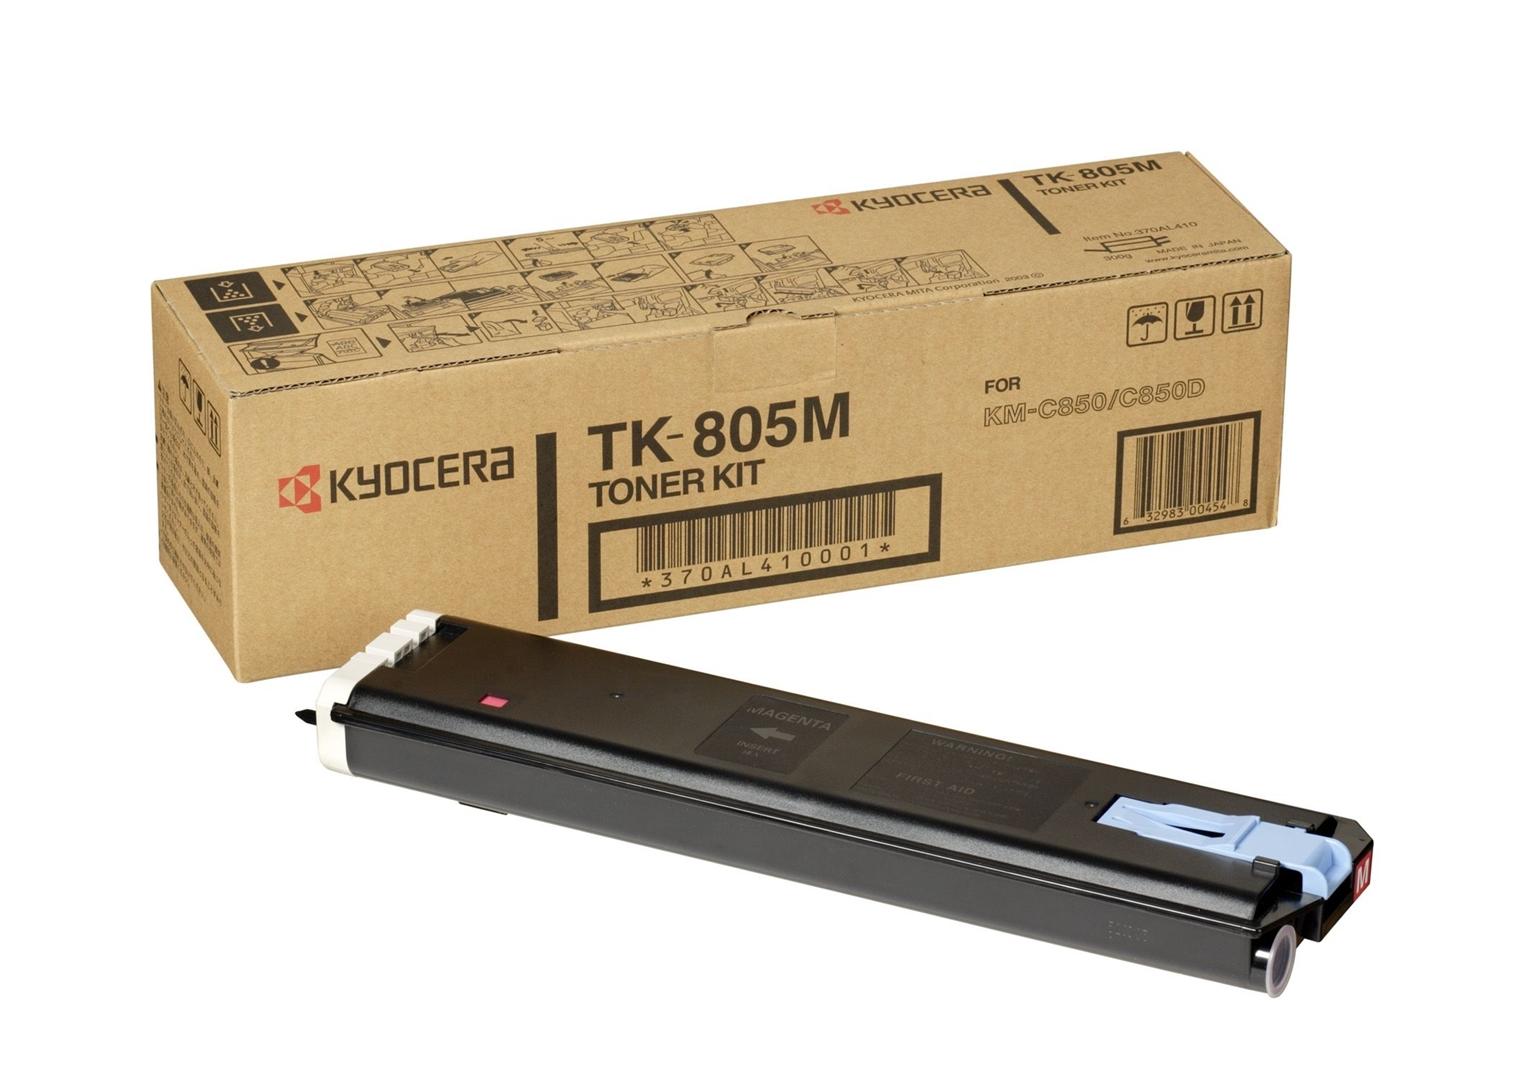 Kyocera Toner Original für KM-C805, magenta